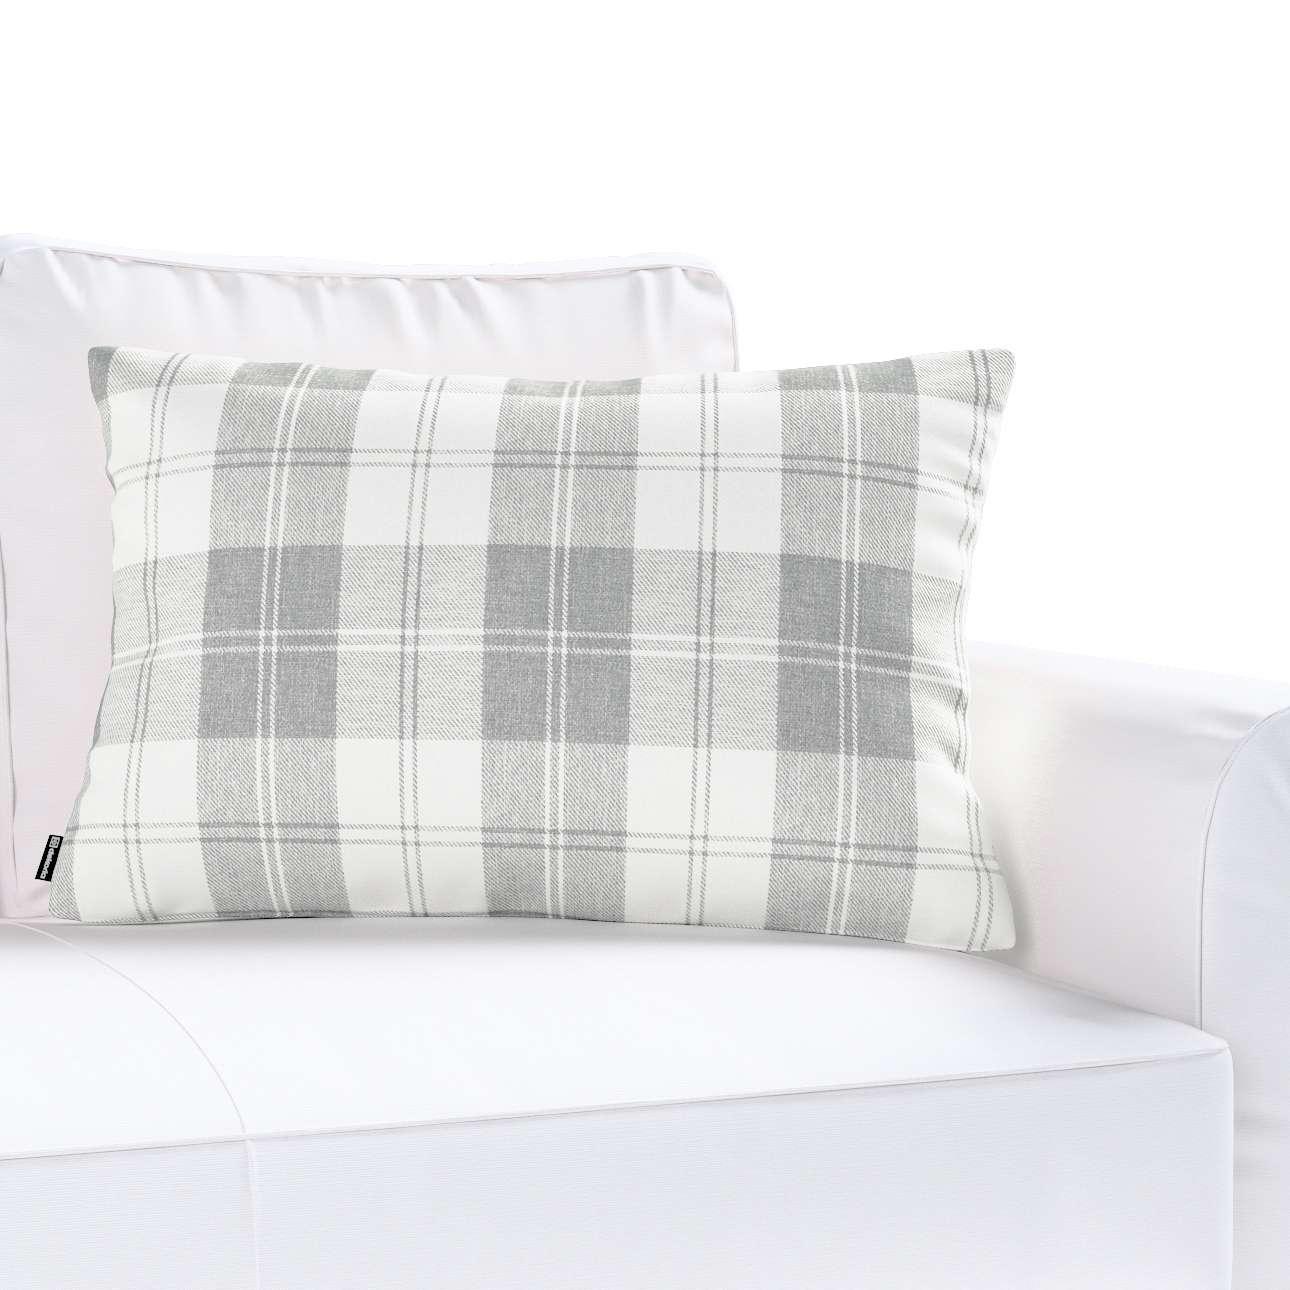 Poszewka Kinga na poduszkę prostokątną 60 x 40 cm w kolekcji Edinburgh, tkanina: 115-79